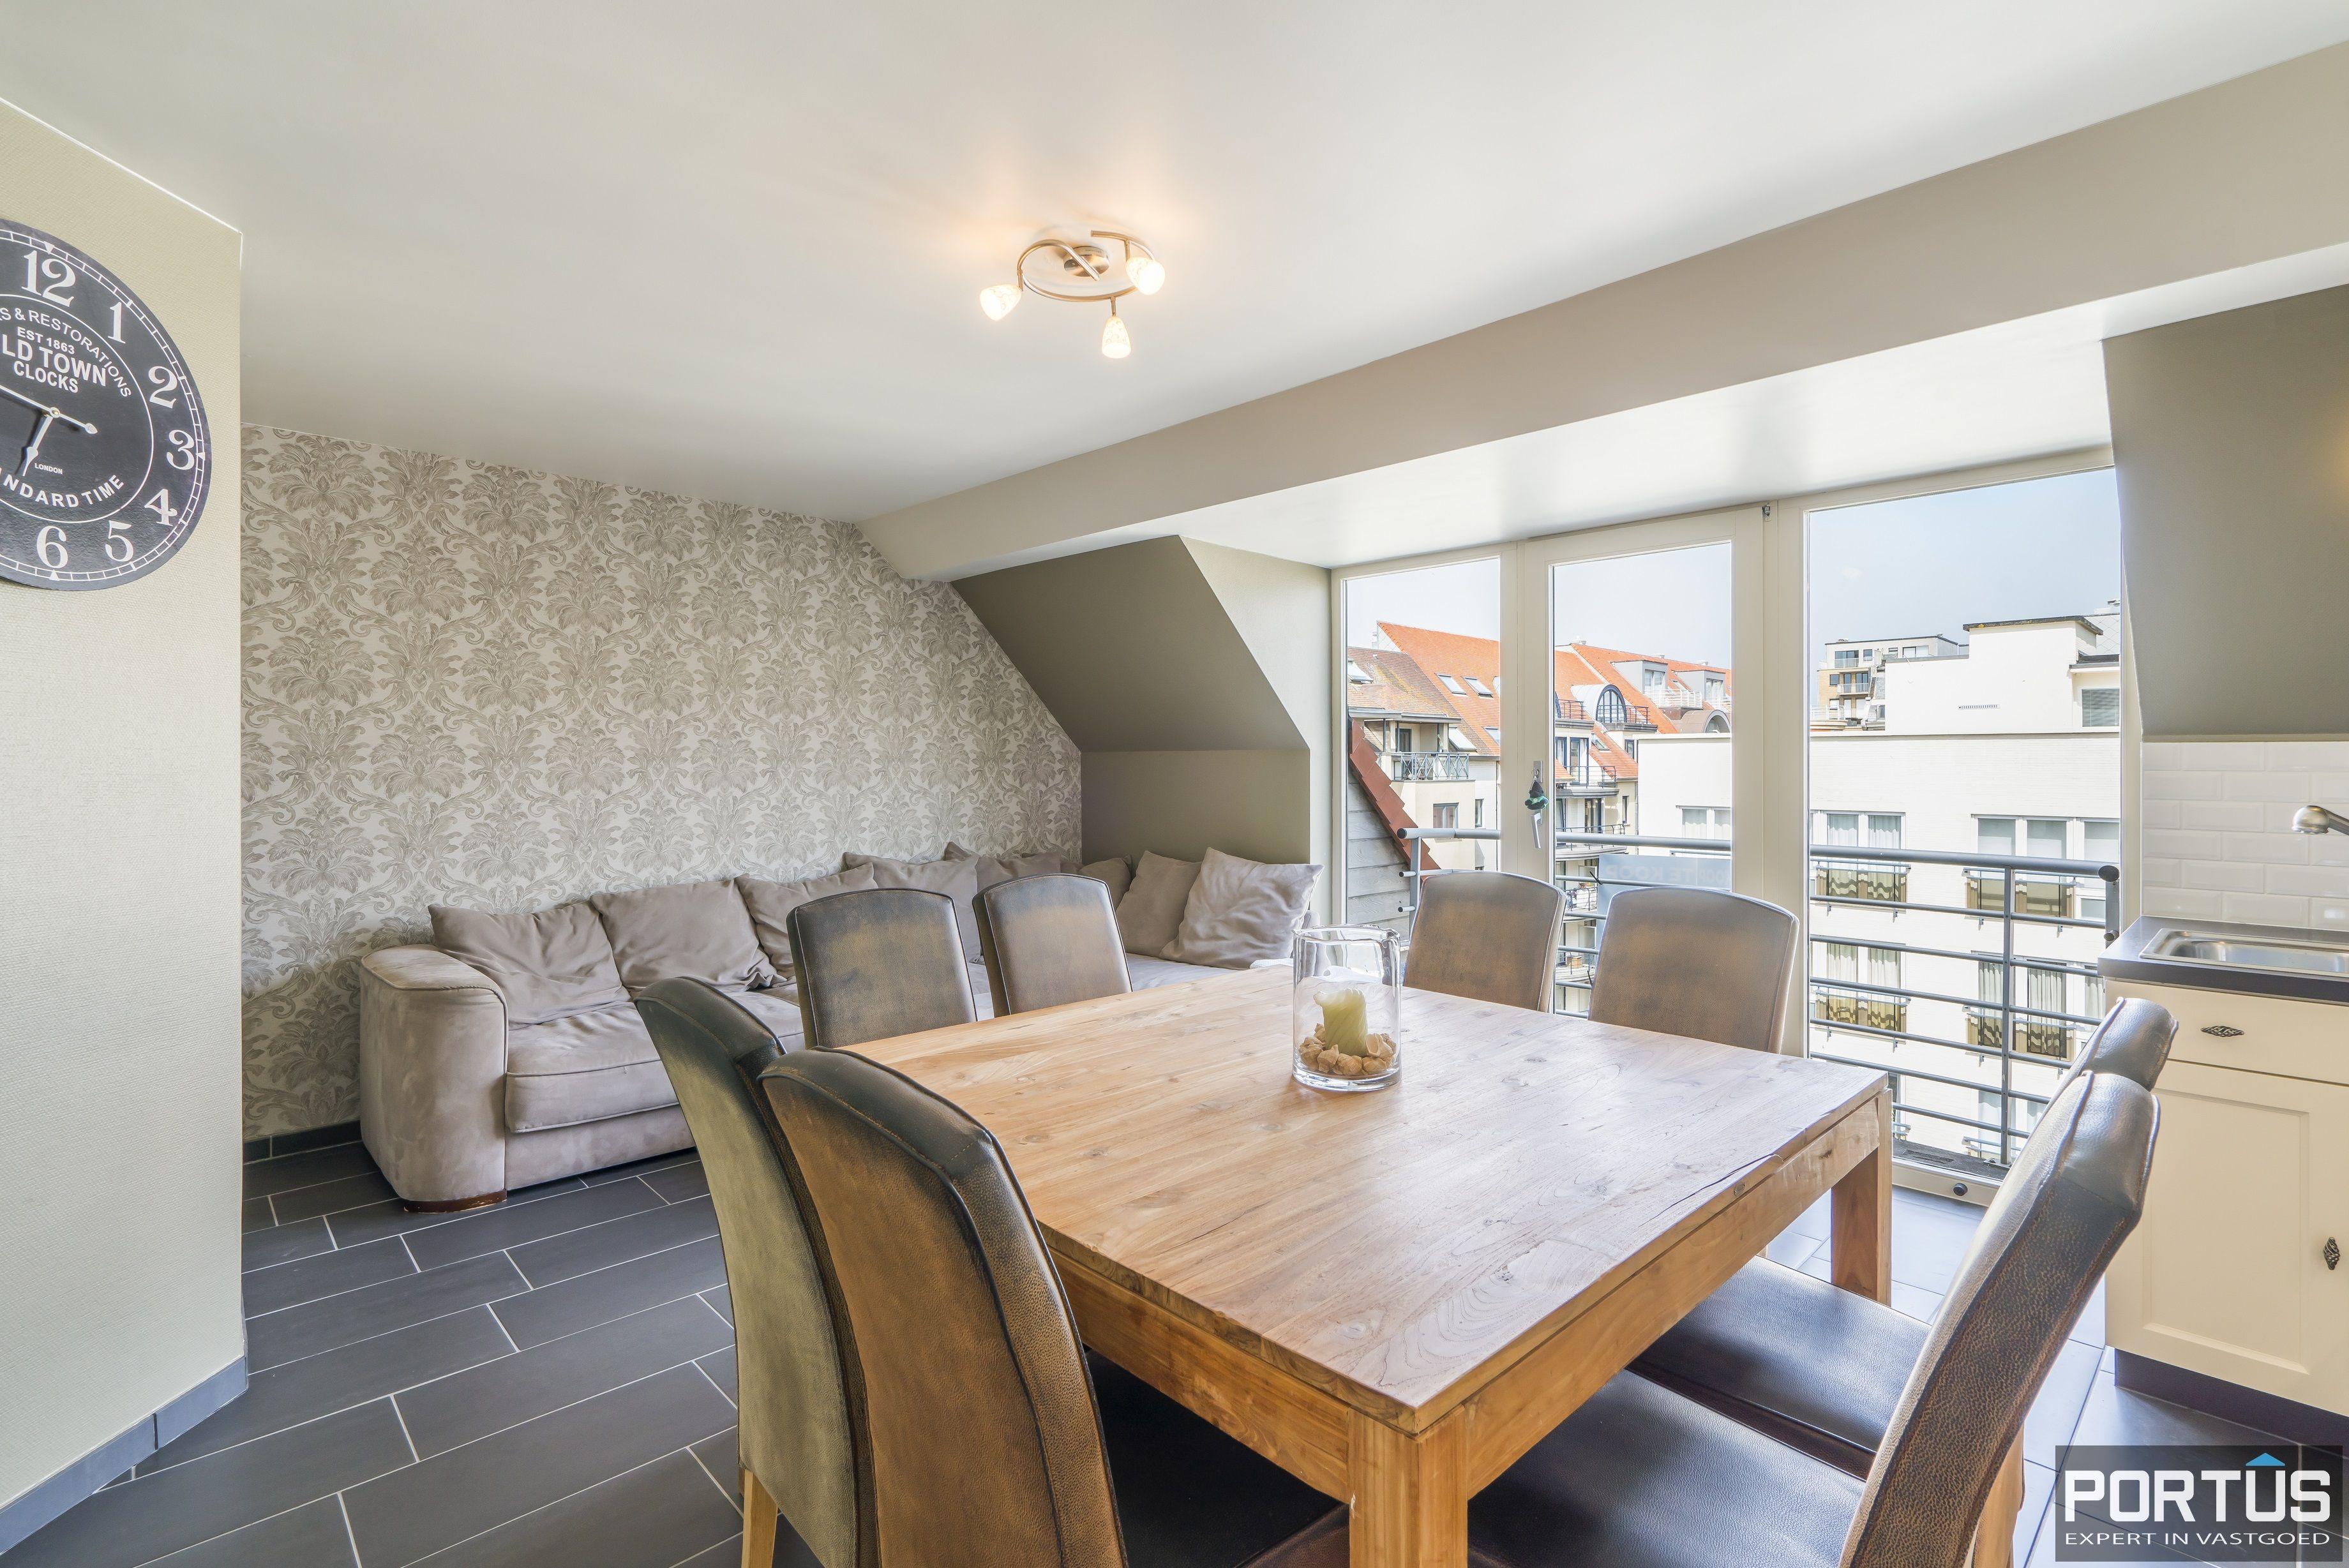 Appartement op wandelafstand van het strand te koop te Nieuwpoort-Bad - 13886